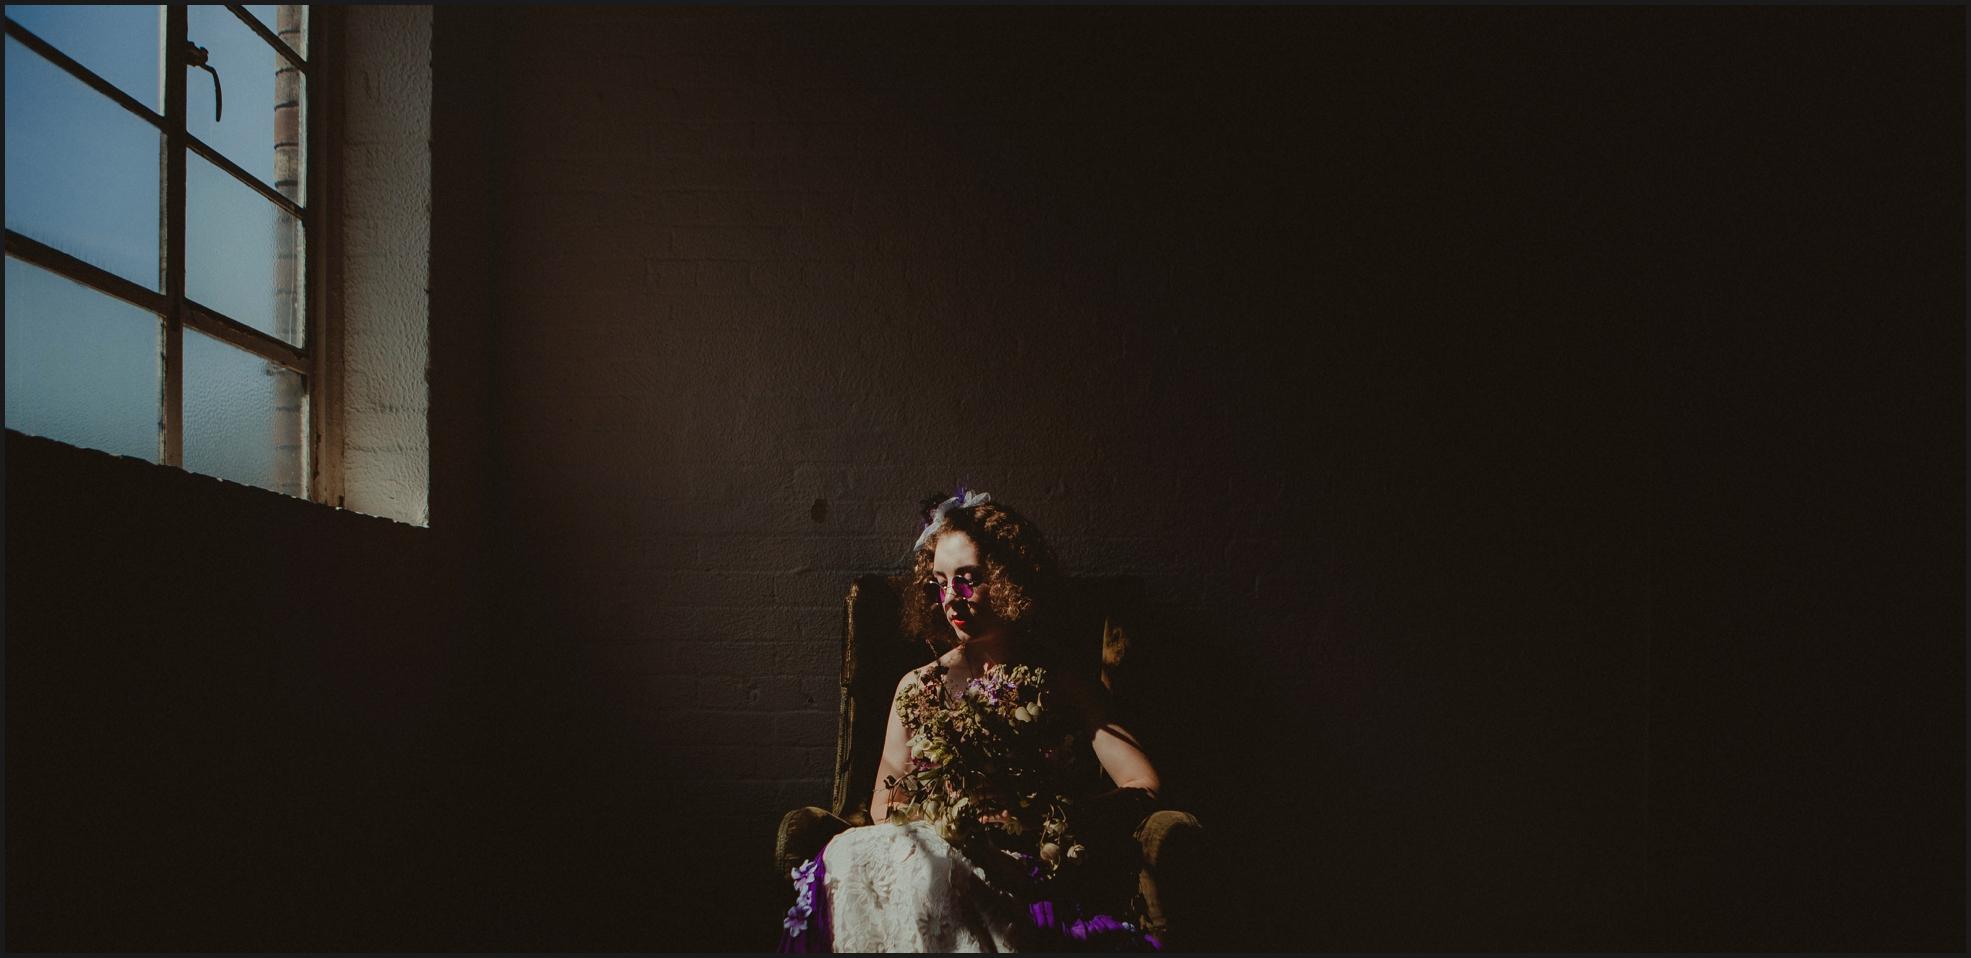 bride, portrait, light, dark, steampunk